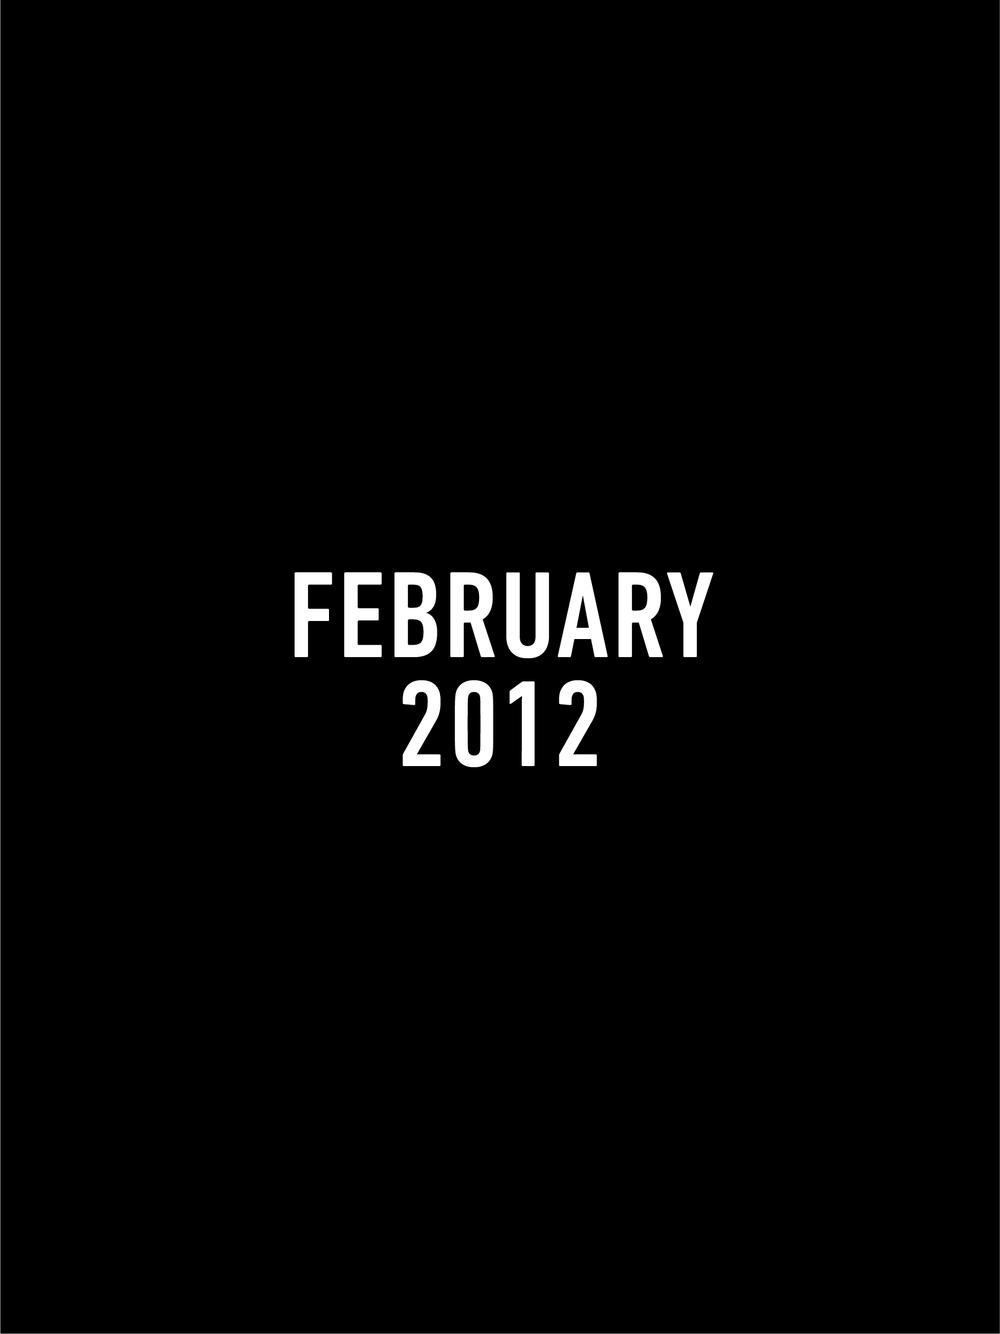 2012 months2.jpg